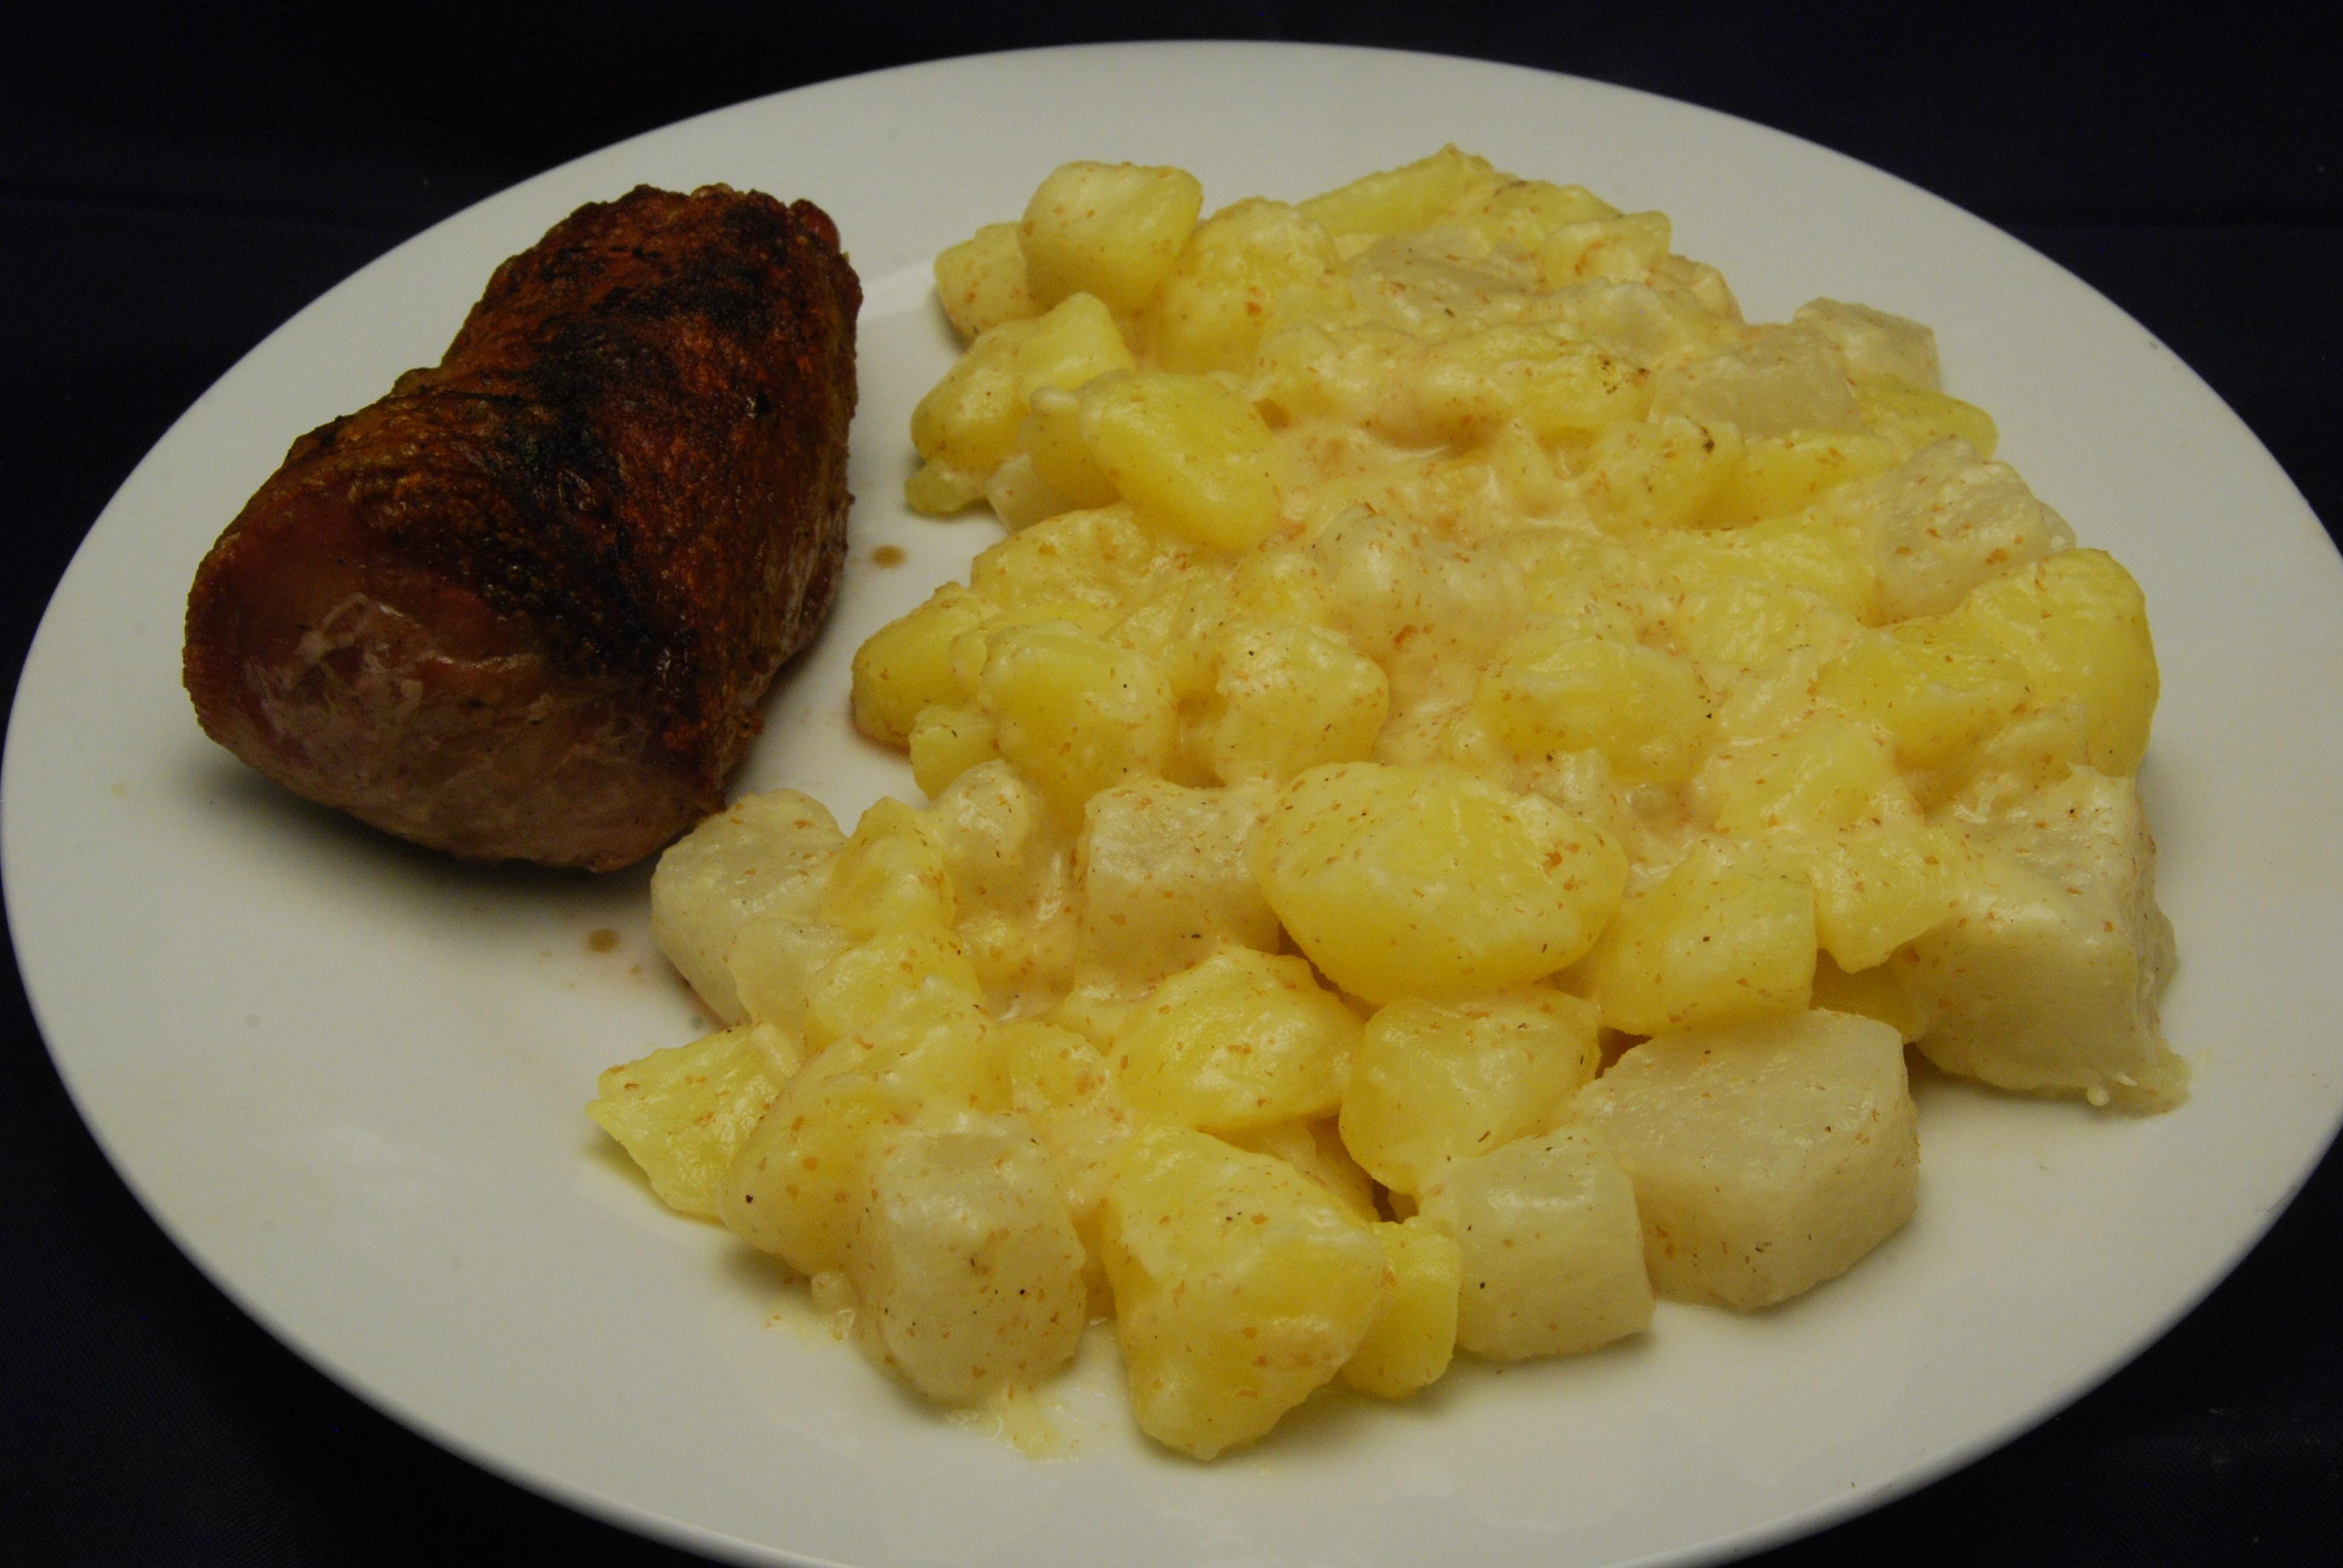 Schweinefilet mit Kartoffel-Kohlrabi-Gemüse